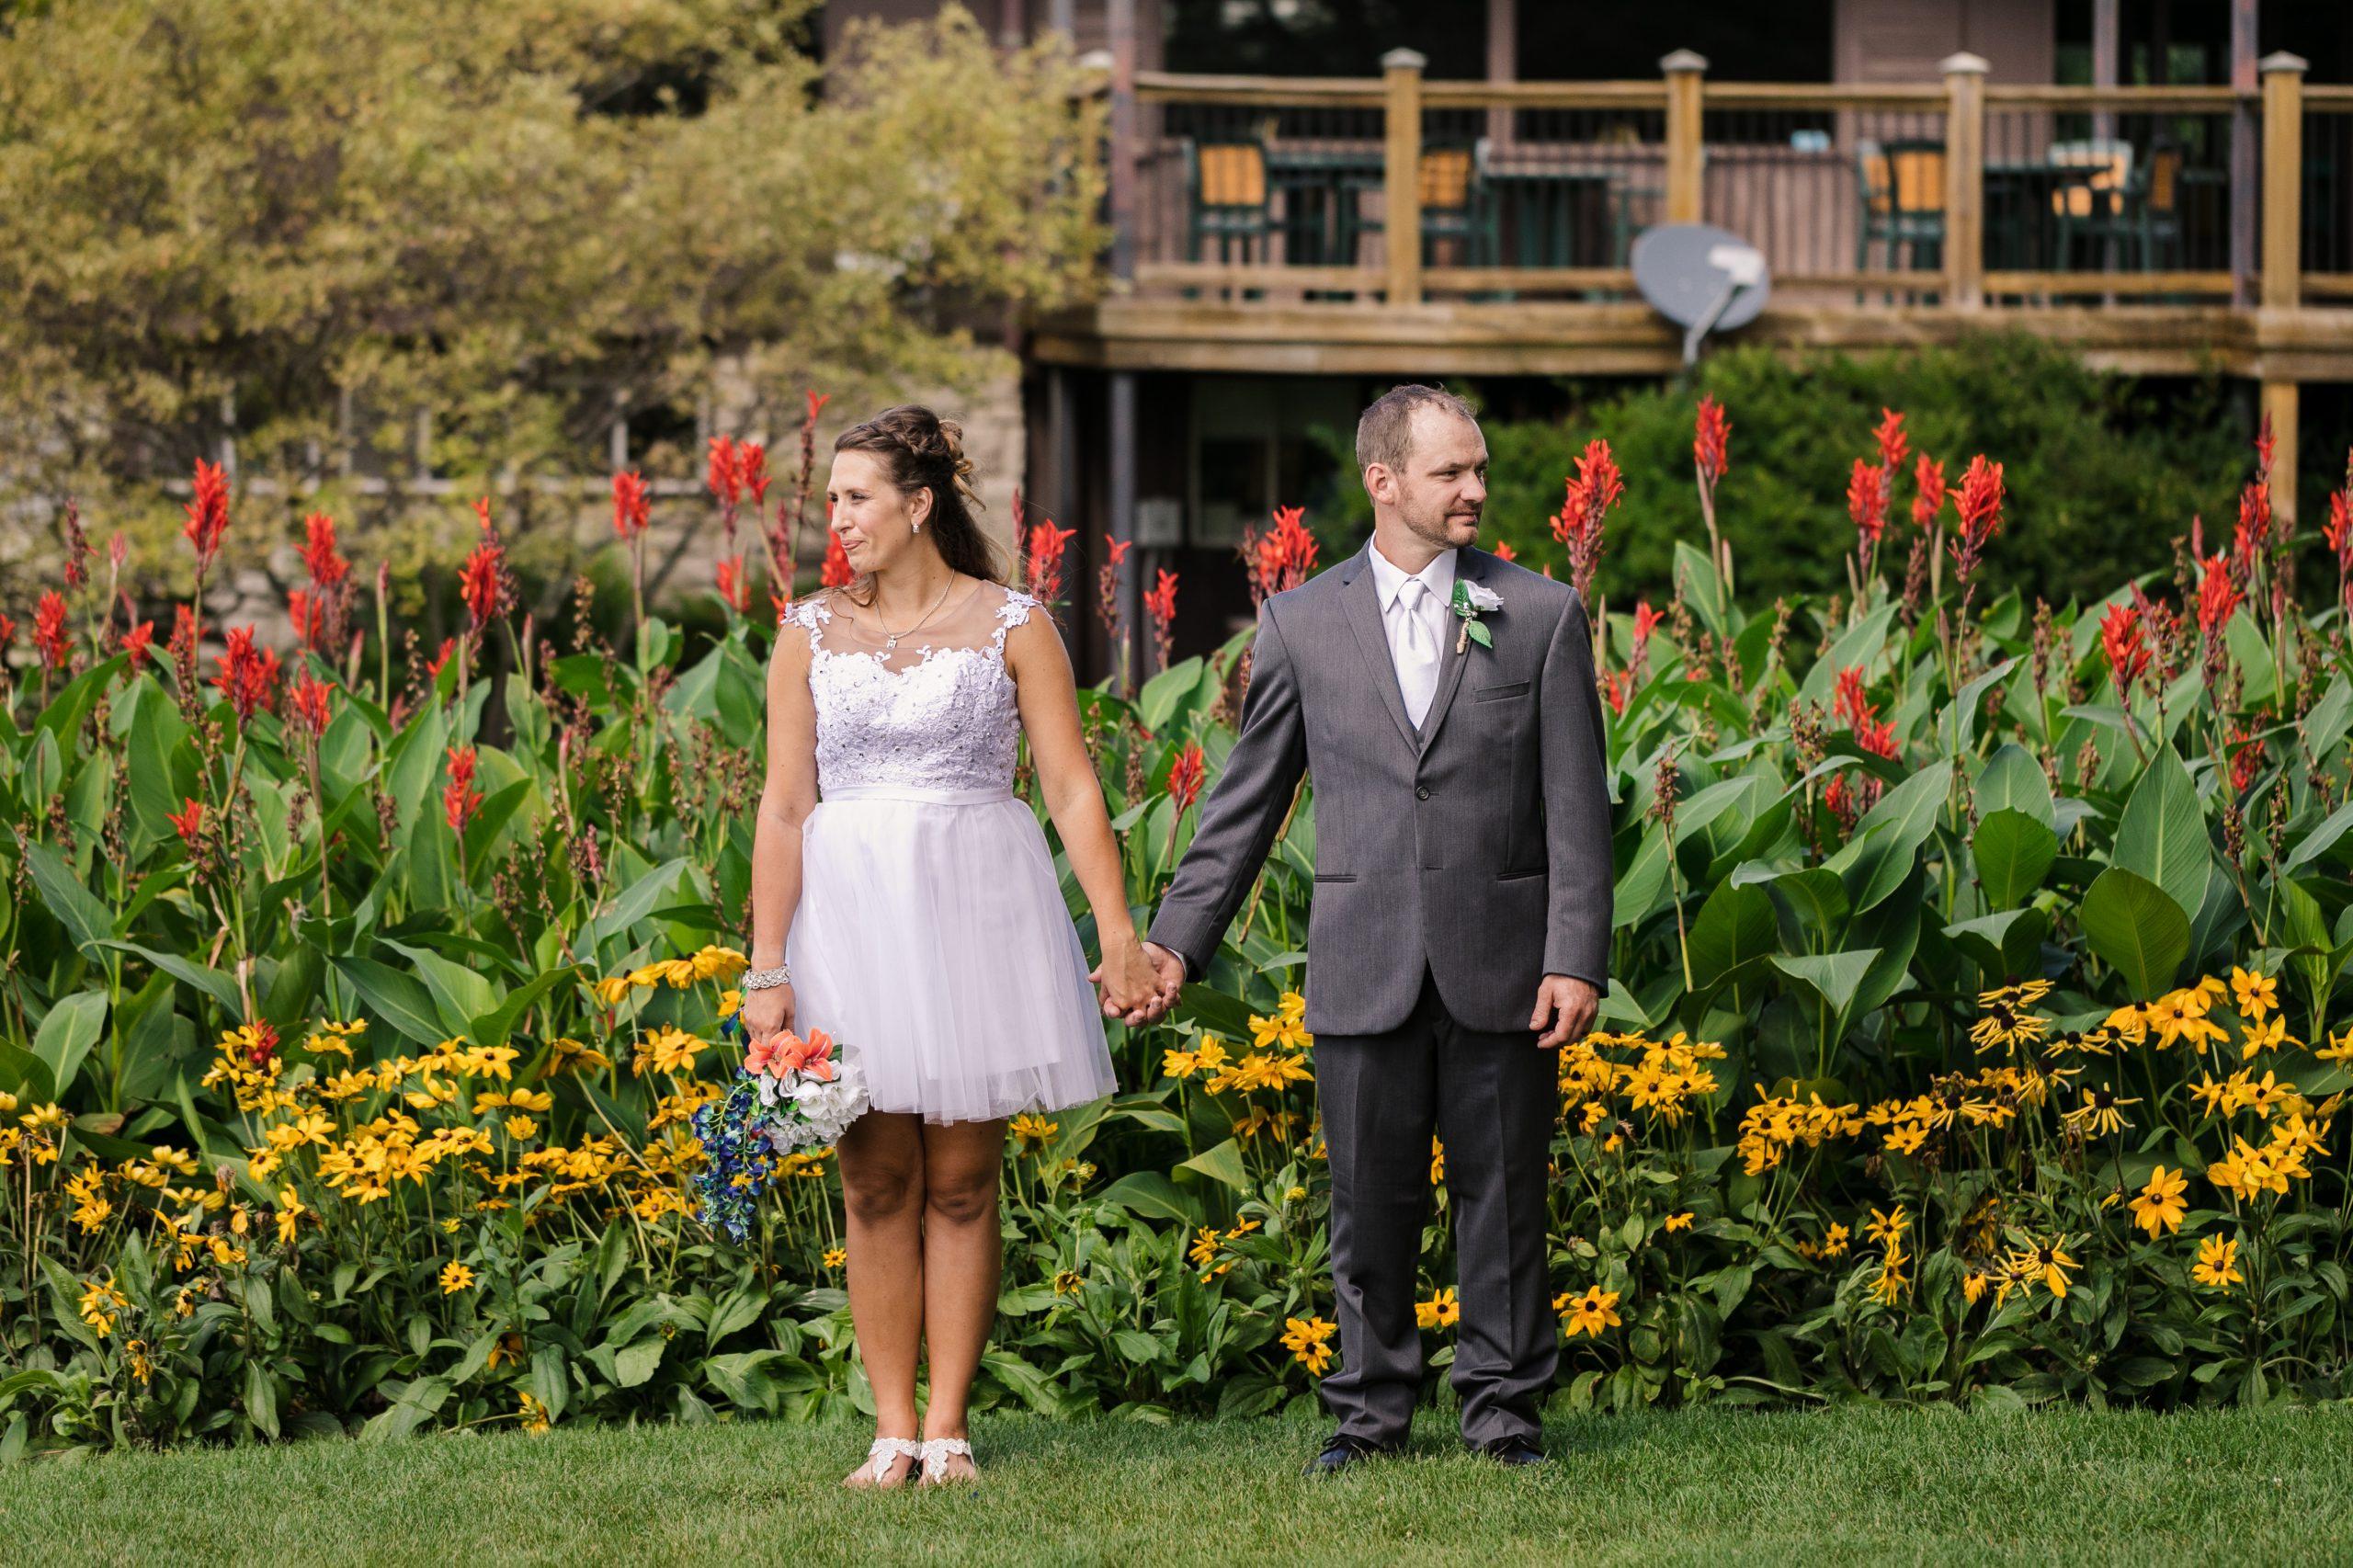 Hilary and Jason, wedding portrait in Midland, MI.